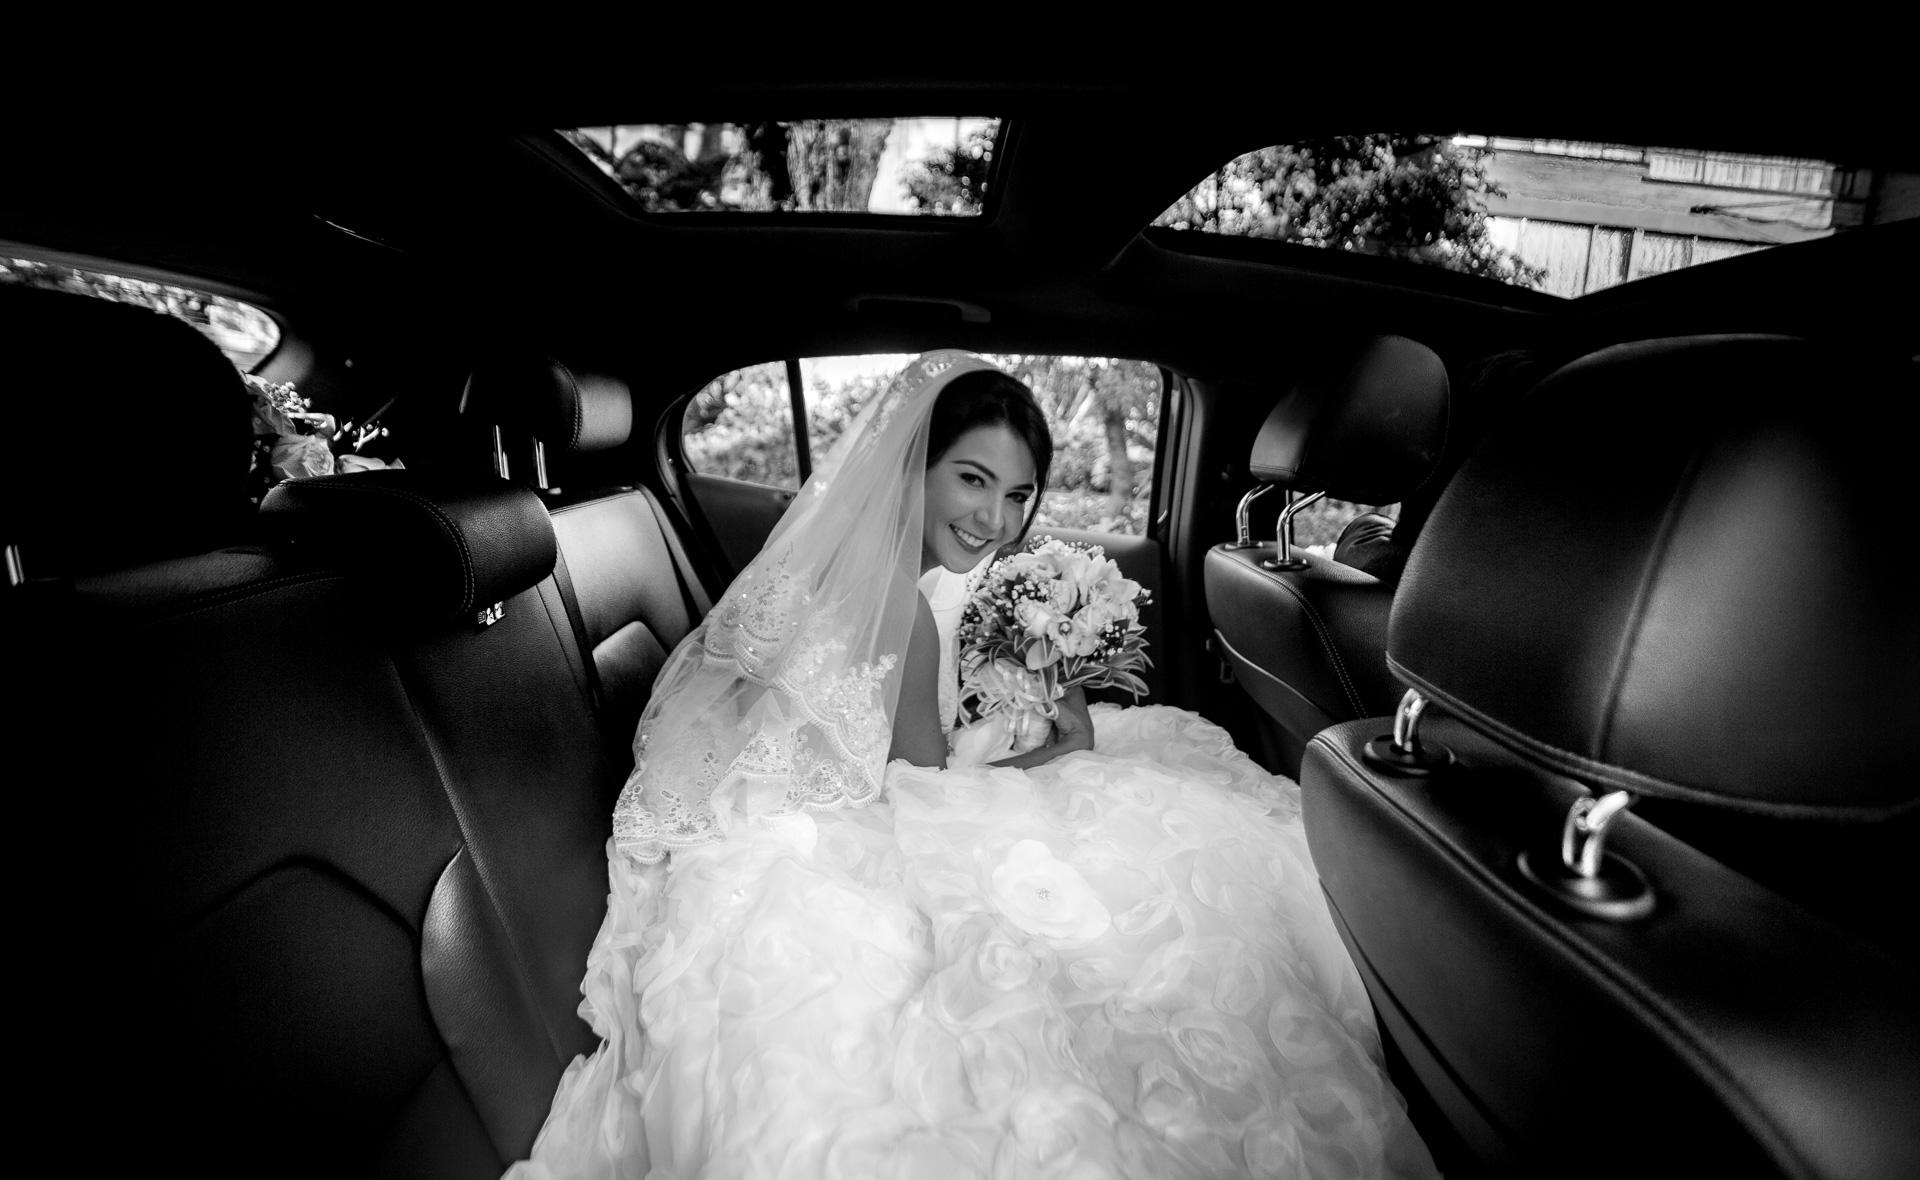 Fotógrafos-de-bodas-en-Colombia-Andrea-y-Antonio-20 ANDREA + ANTONIO